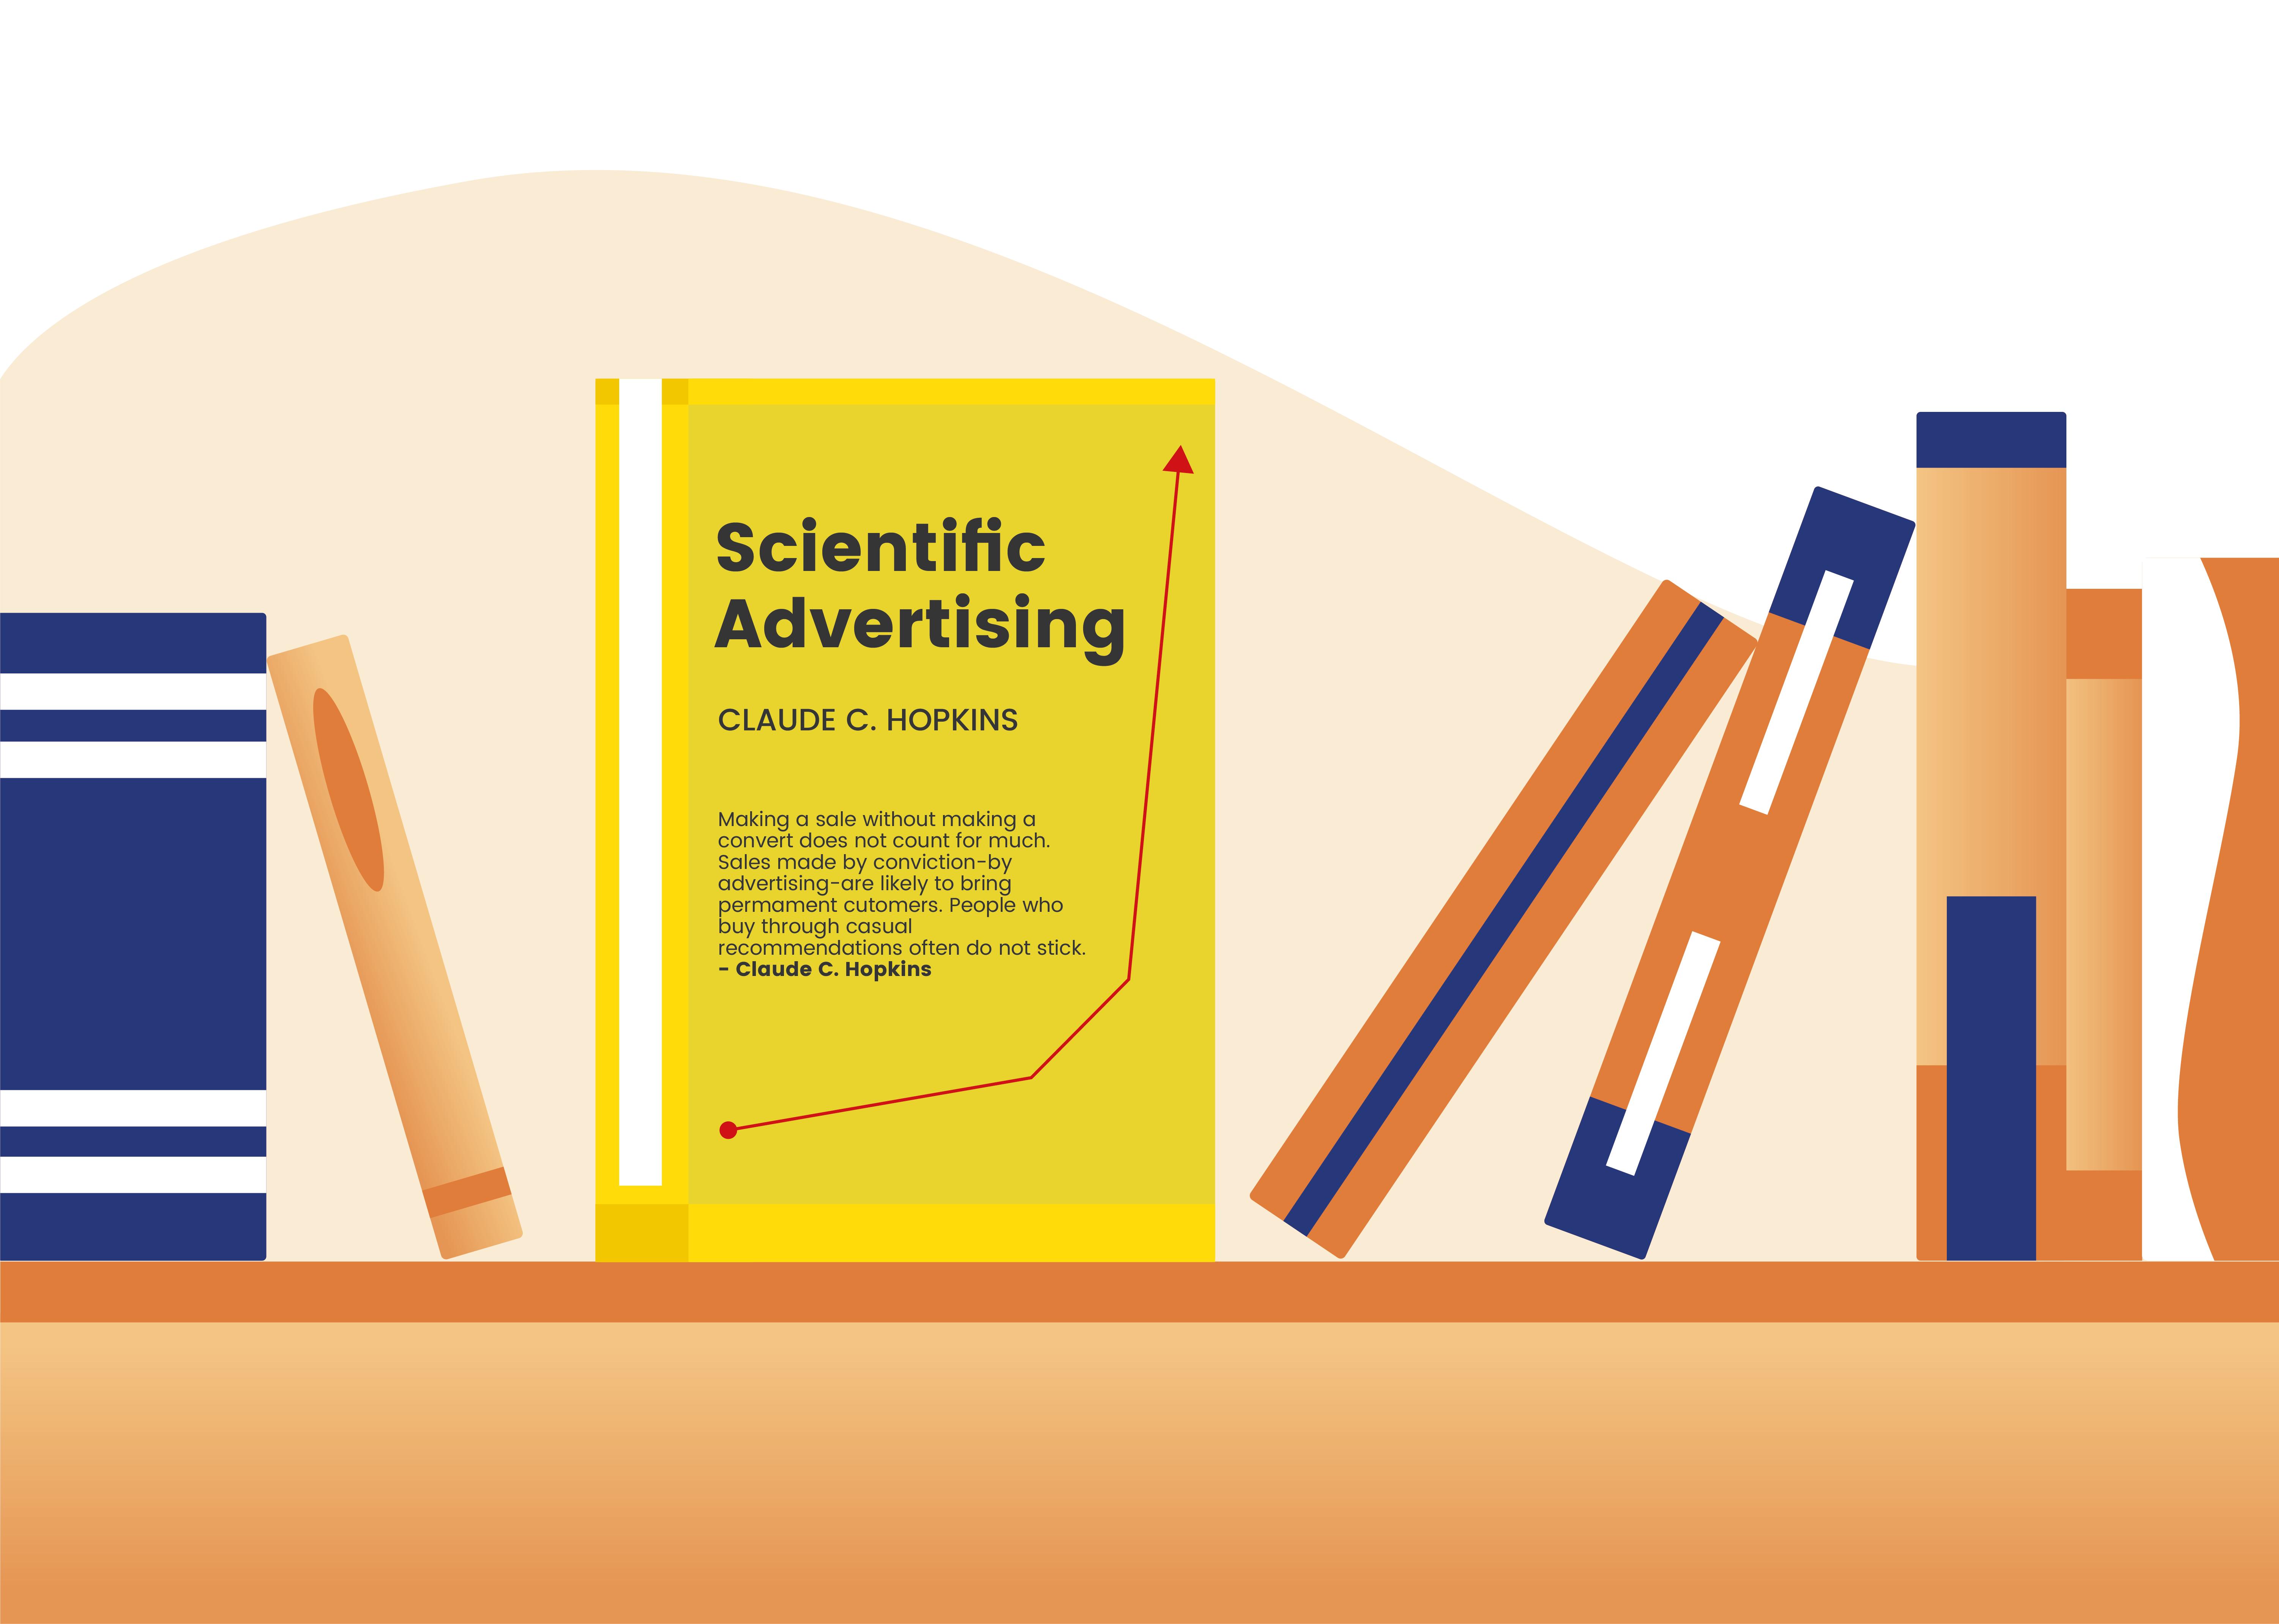 Gelbes Cover des Buchs Scientific Advertising von Claude C. Hopkins mit Pfeil nach oben